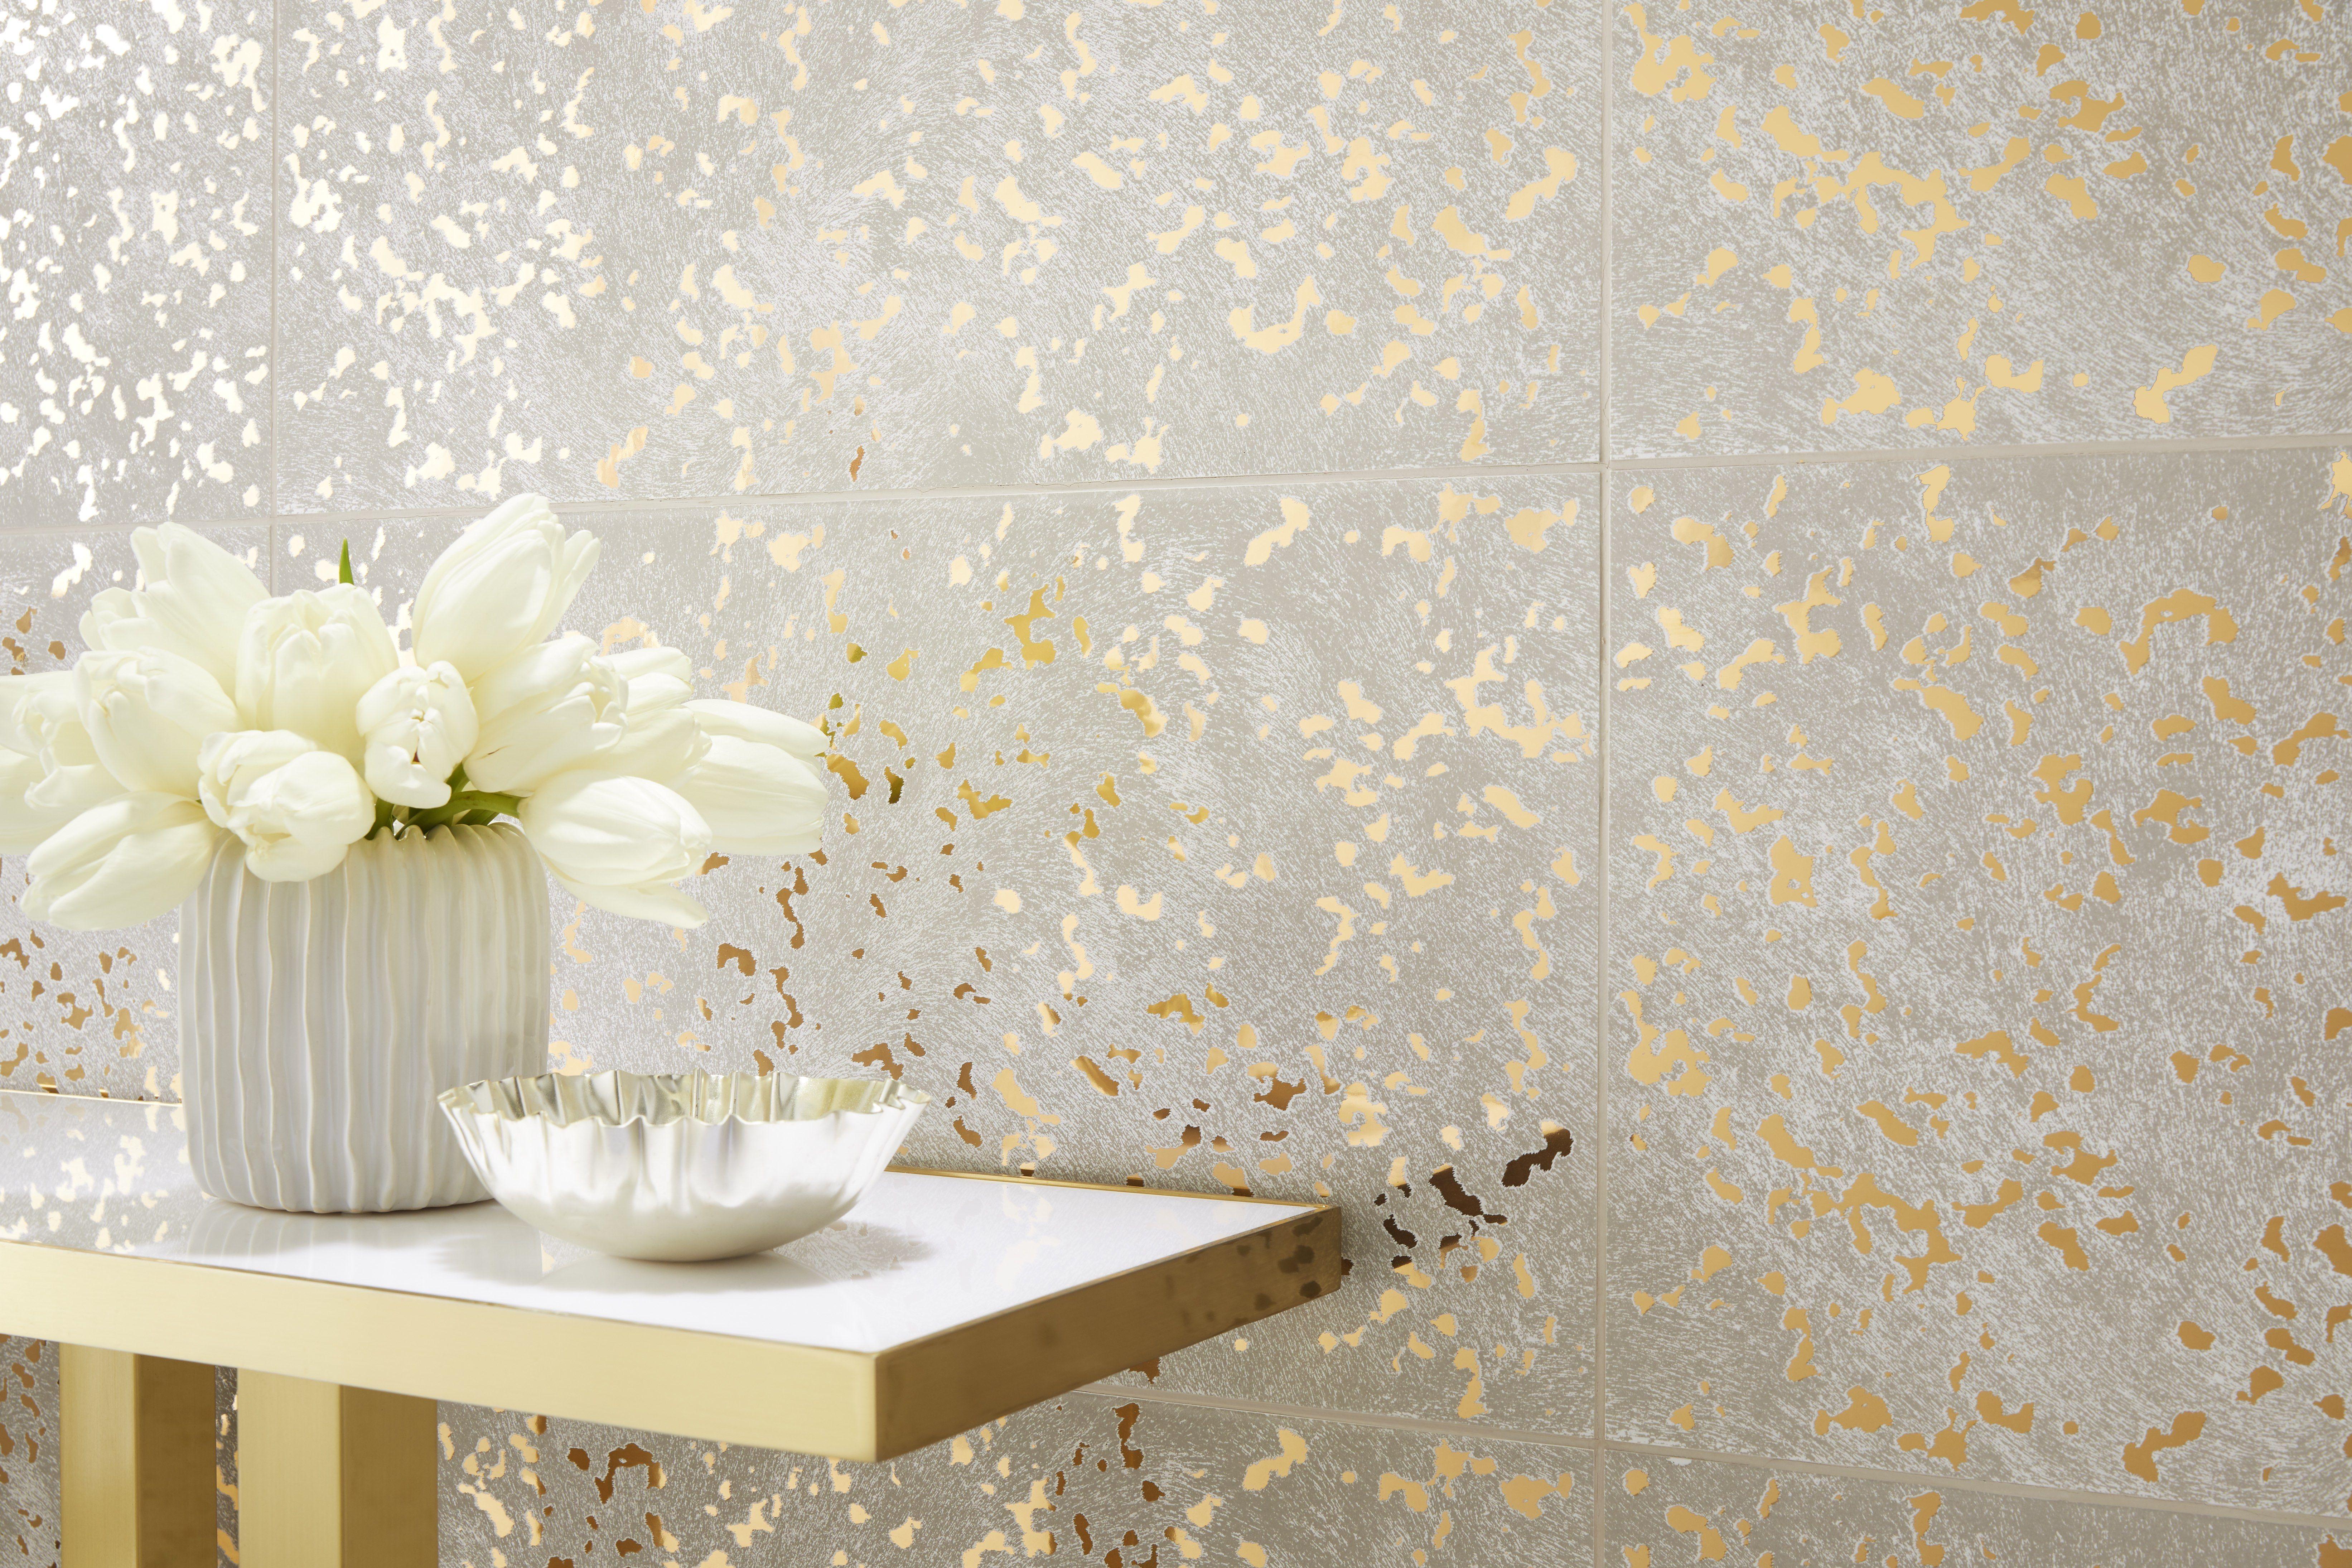 Annie Selke Goldleaf Speckle Ceramic Wall Tile 13 X 23 In Ceramic Wall Tiles Wall Tiles Annie Selke